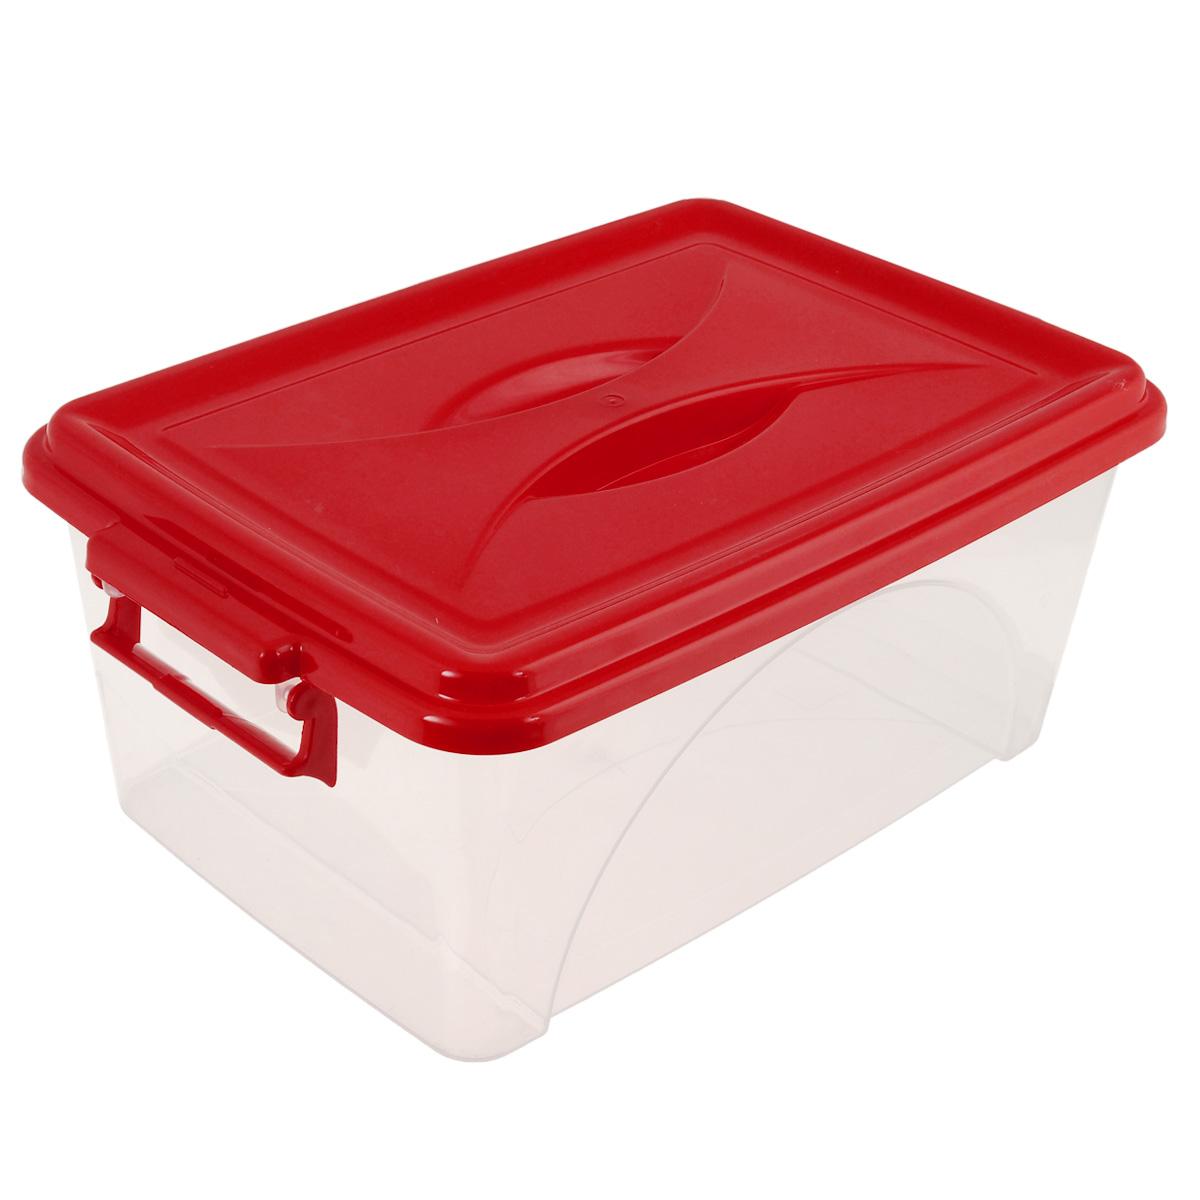 Контейнер Альтернатива, цвет: красный, 7,5 лМ428Контейнер Альтернатива выполнен из прочного пластика. Он предназначен для хранения различных мелких вещей. Крышка легко открывается и плотно закрывается. Прозрачные стенки позволяют видеть содержимое. По бокам предусмотрены две удобные ручки, с помощью которых контейнер закрывается. Контейнер поможет хранить все в одном месте, а также защитить вещи от пыли, грязи и влаги.